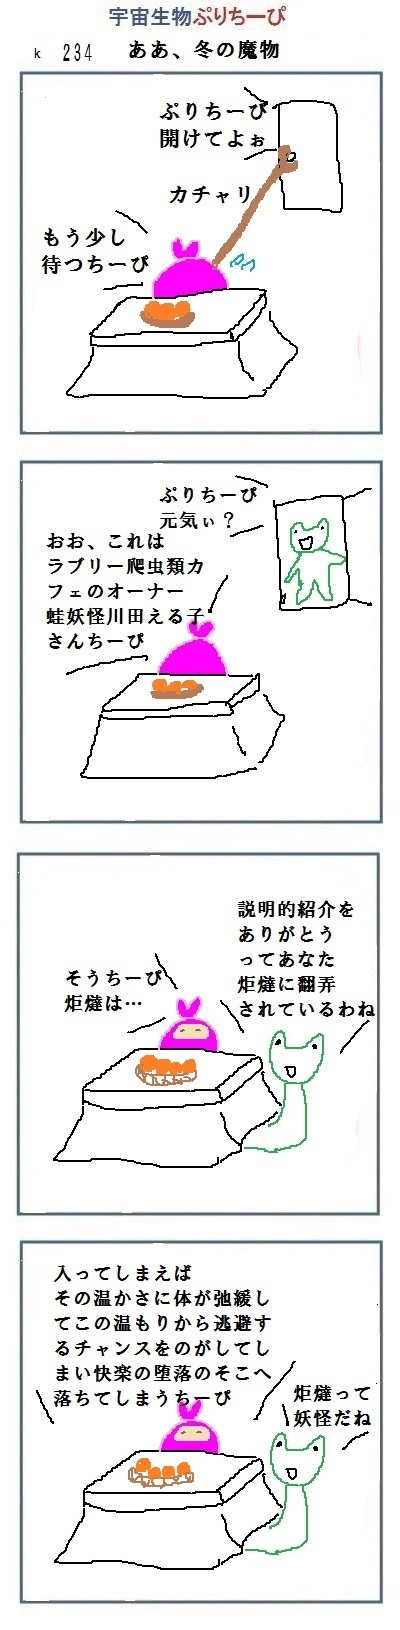 20170106100416ec8.jpg